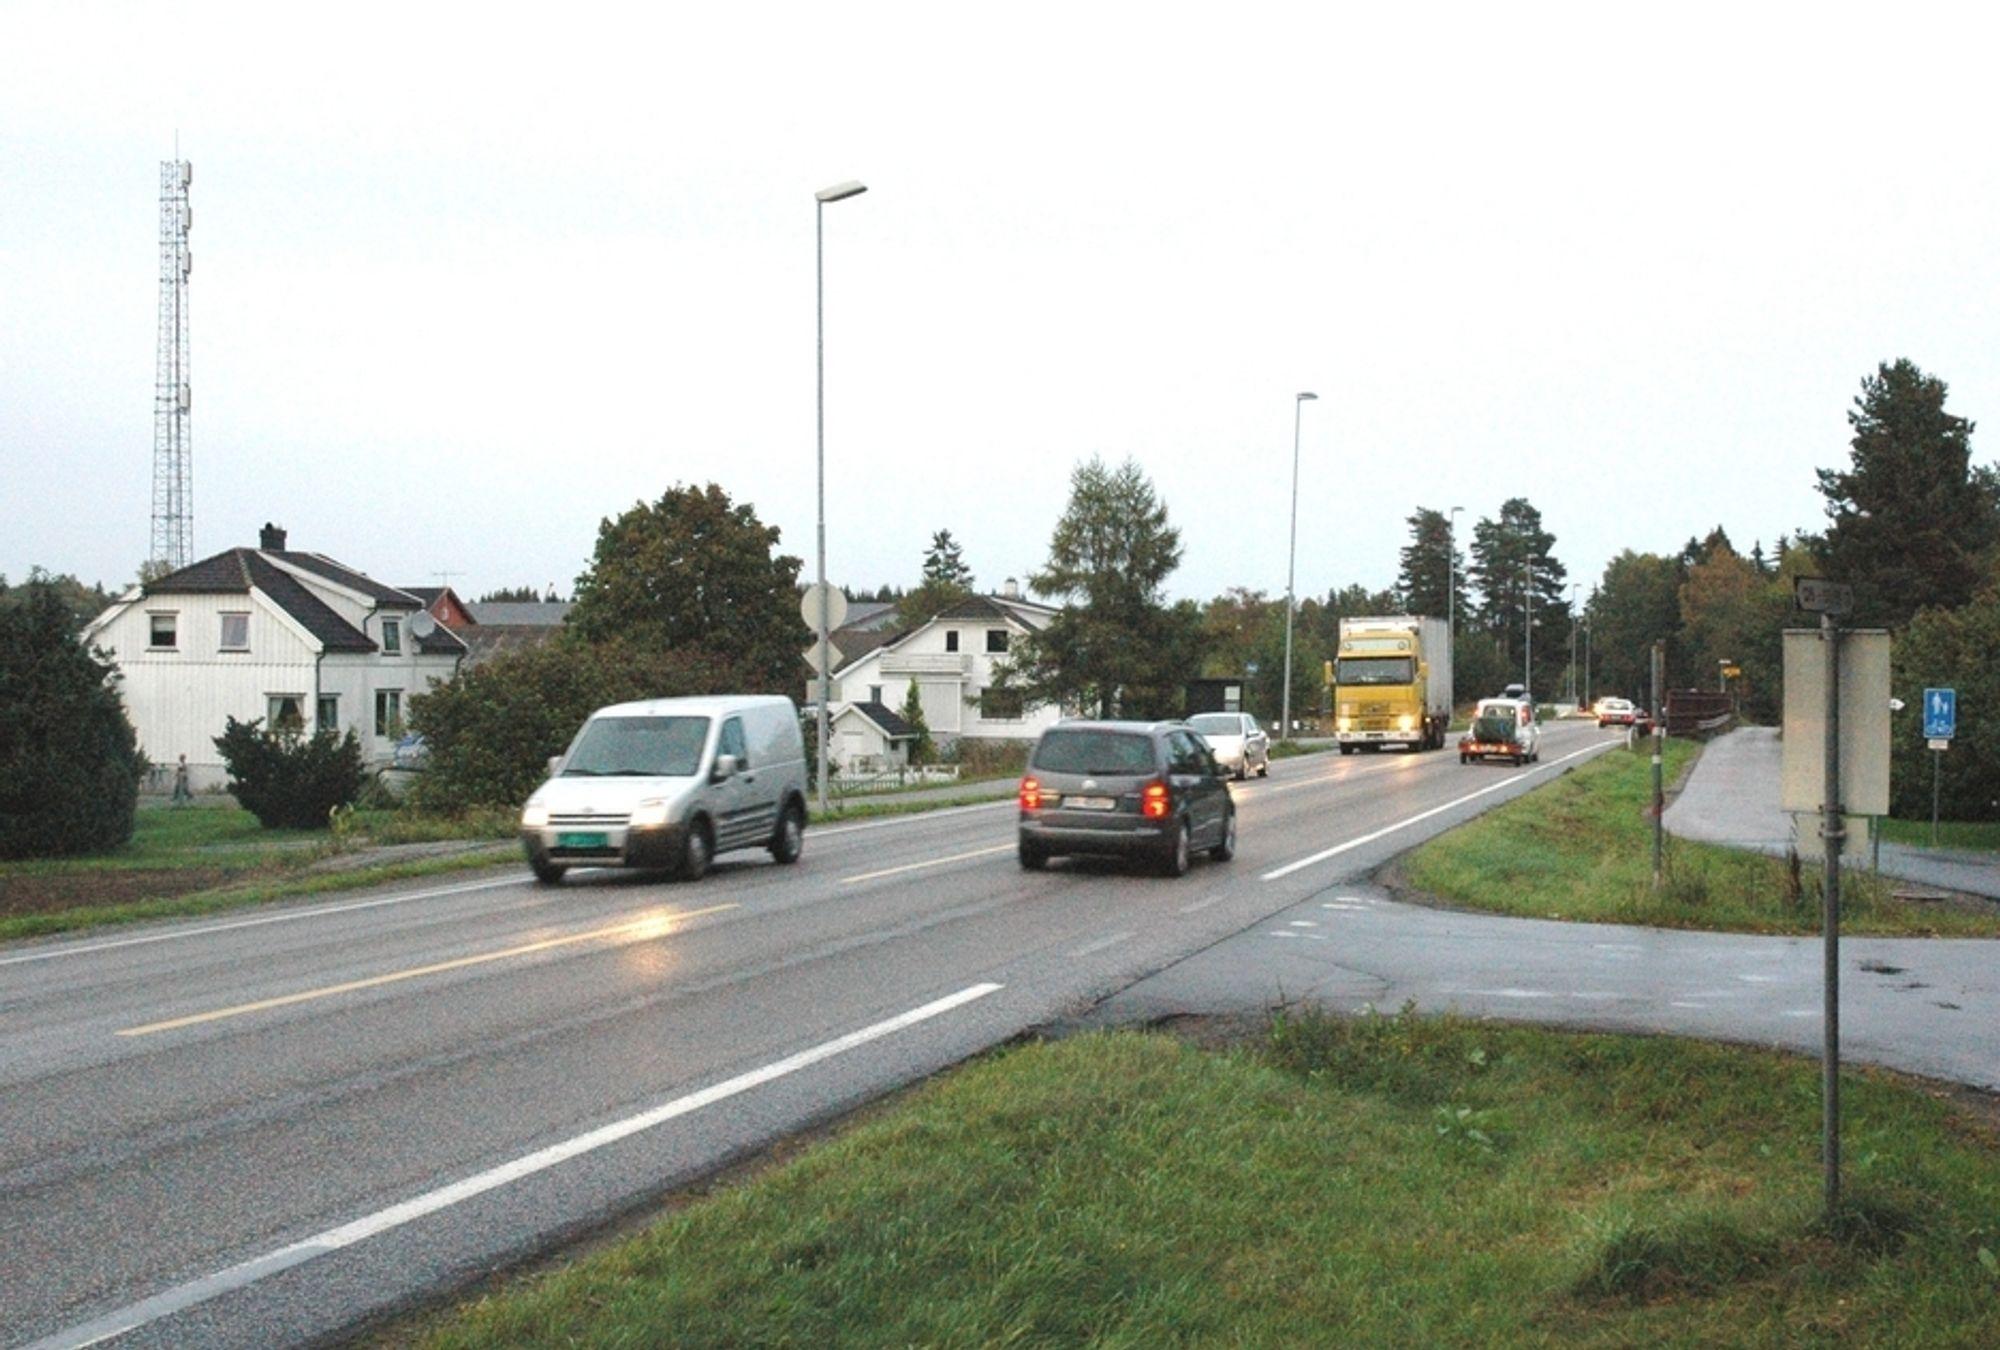 Både randbebyggelsen og trafikken går tett i boligfeltet Ringdal langs E 18 mellom Langåker og Seierstad. Om tre å er prøvelsen for beboerne over - hvis Stortinget vil.